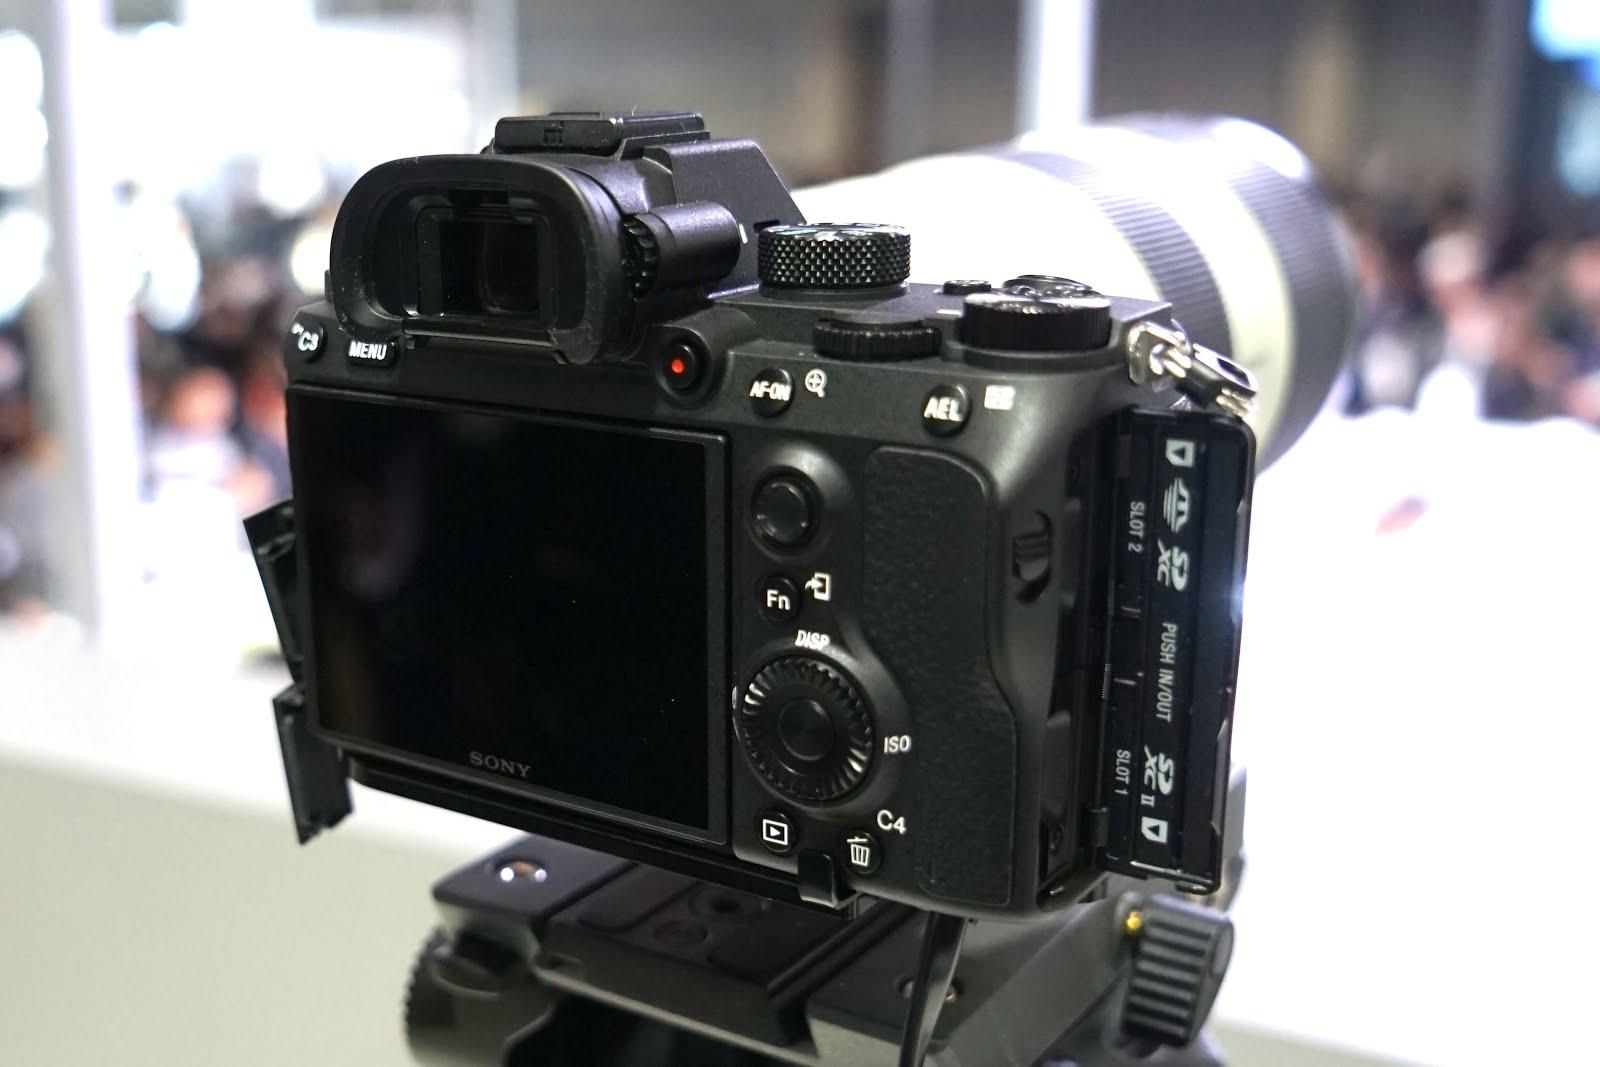 ボディ SONY ILCE-7M3 [ ミラーレス一眼カメラ | デジタル一眼カメラ | デジタルカメラ ] 【KK9N0D18P】 《新品》 α7III (ソニー)